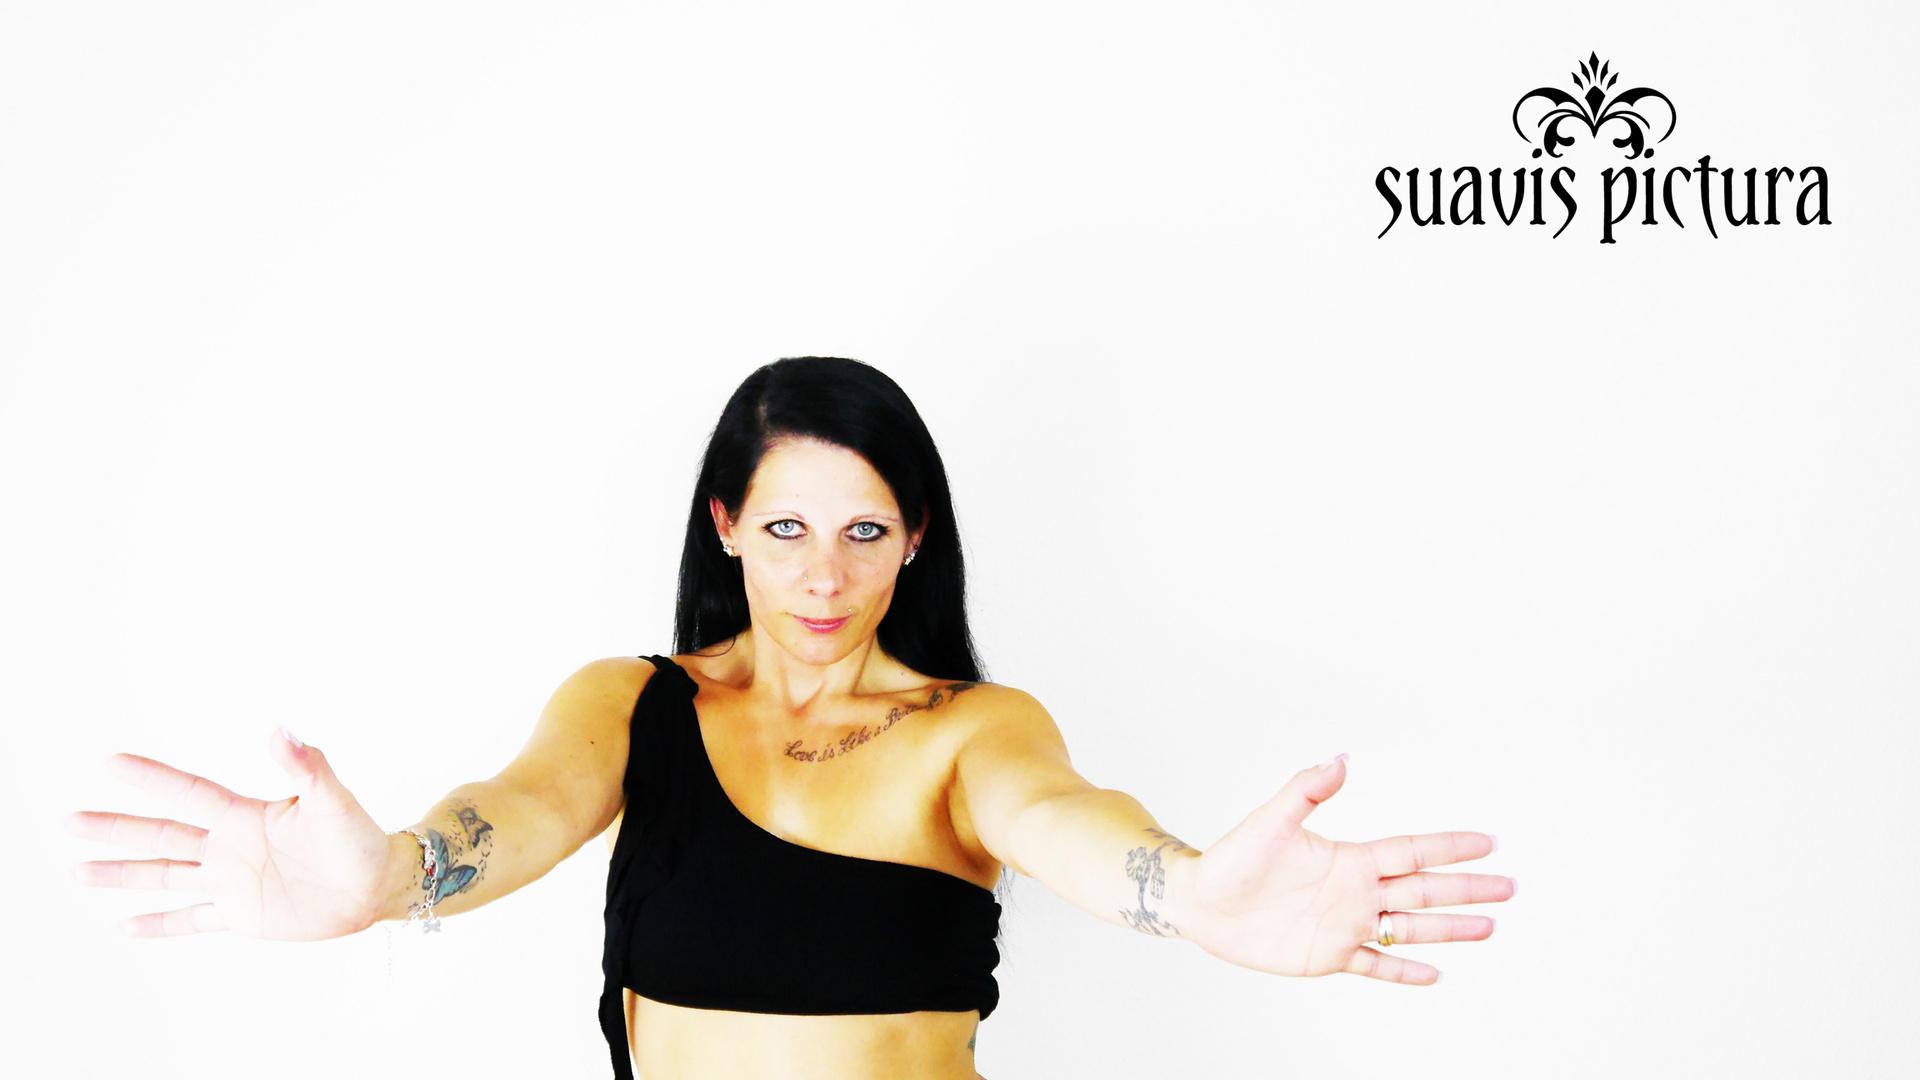 Suavis Pictura - Melanie 01